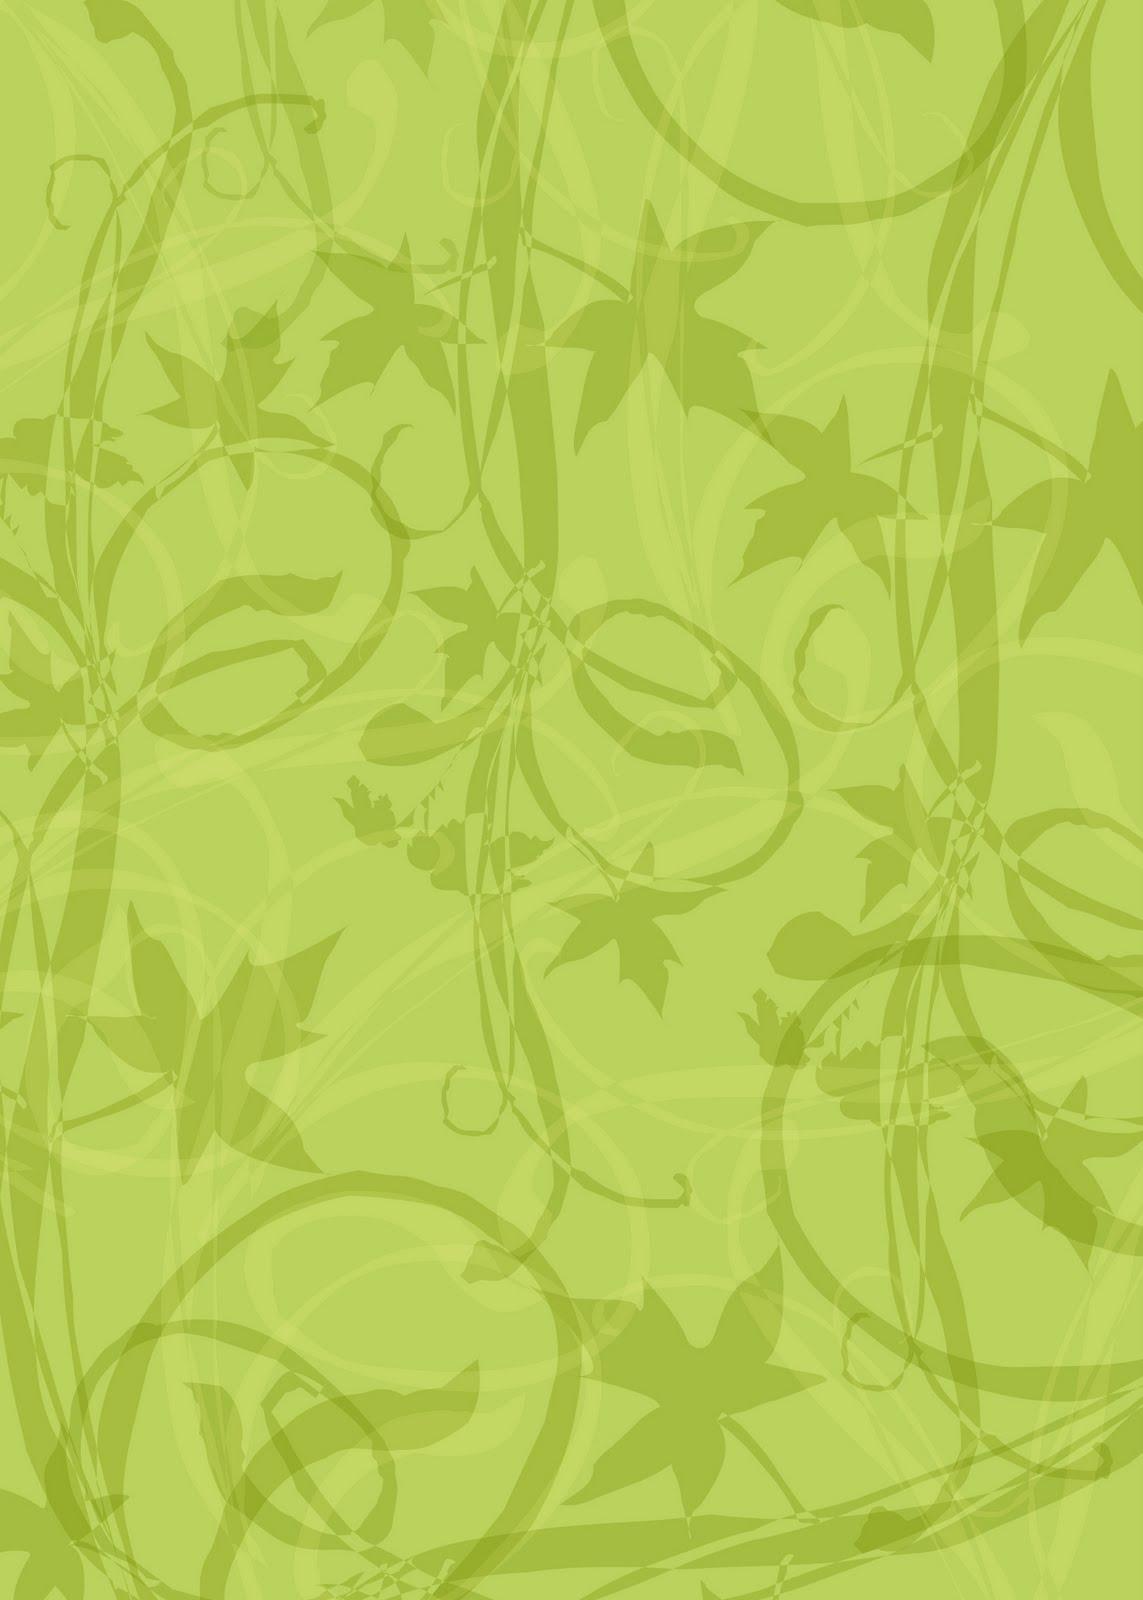 free scrapbooking supplies green vines scrapbook paper